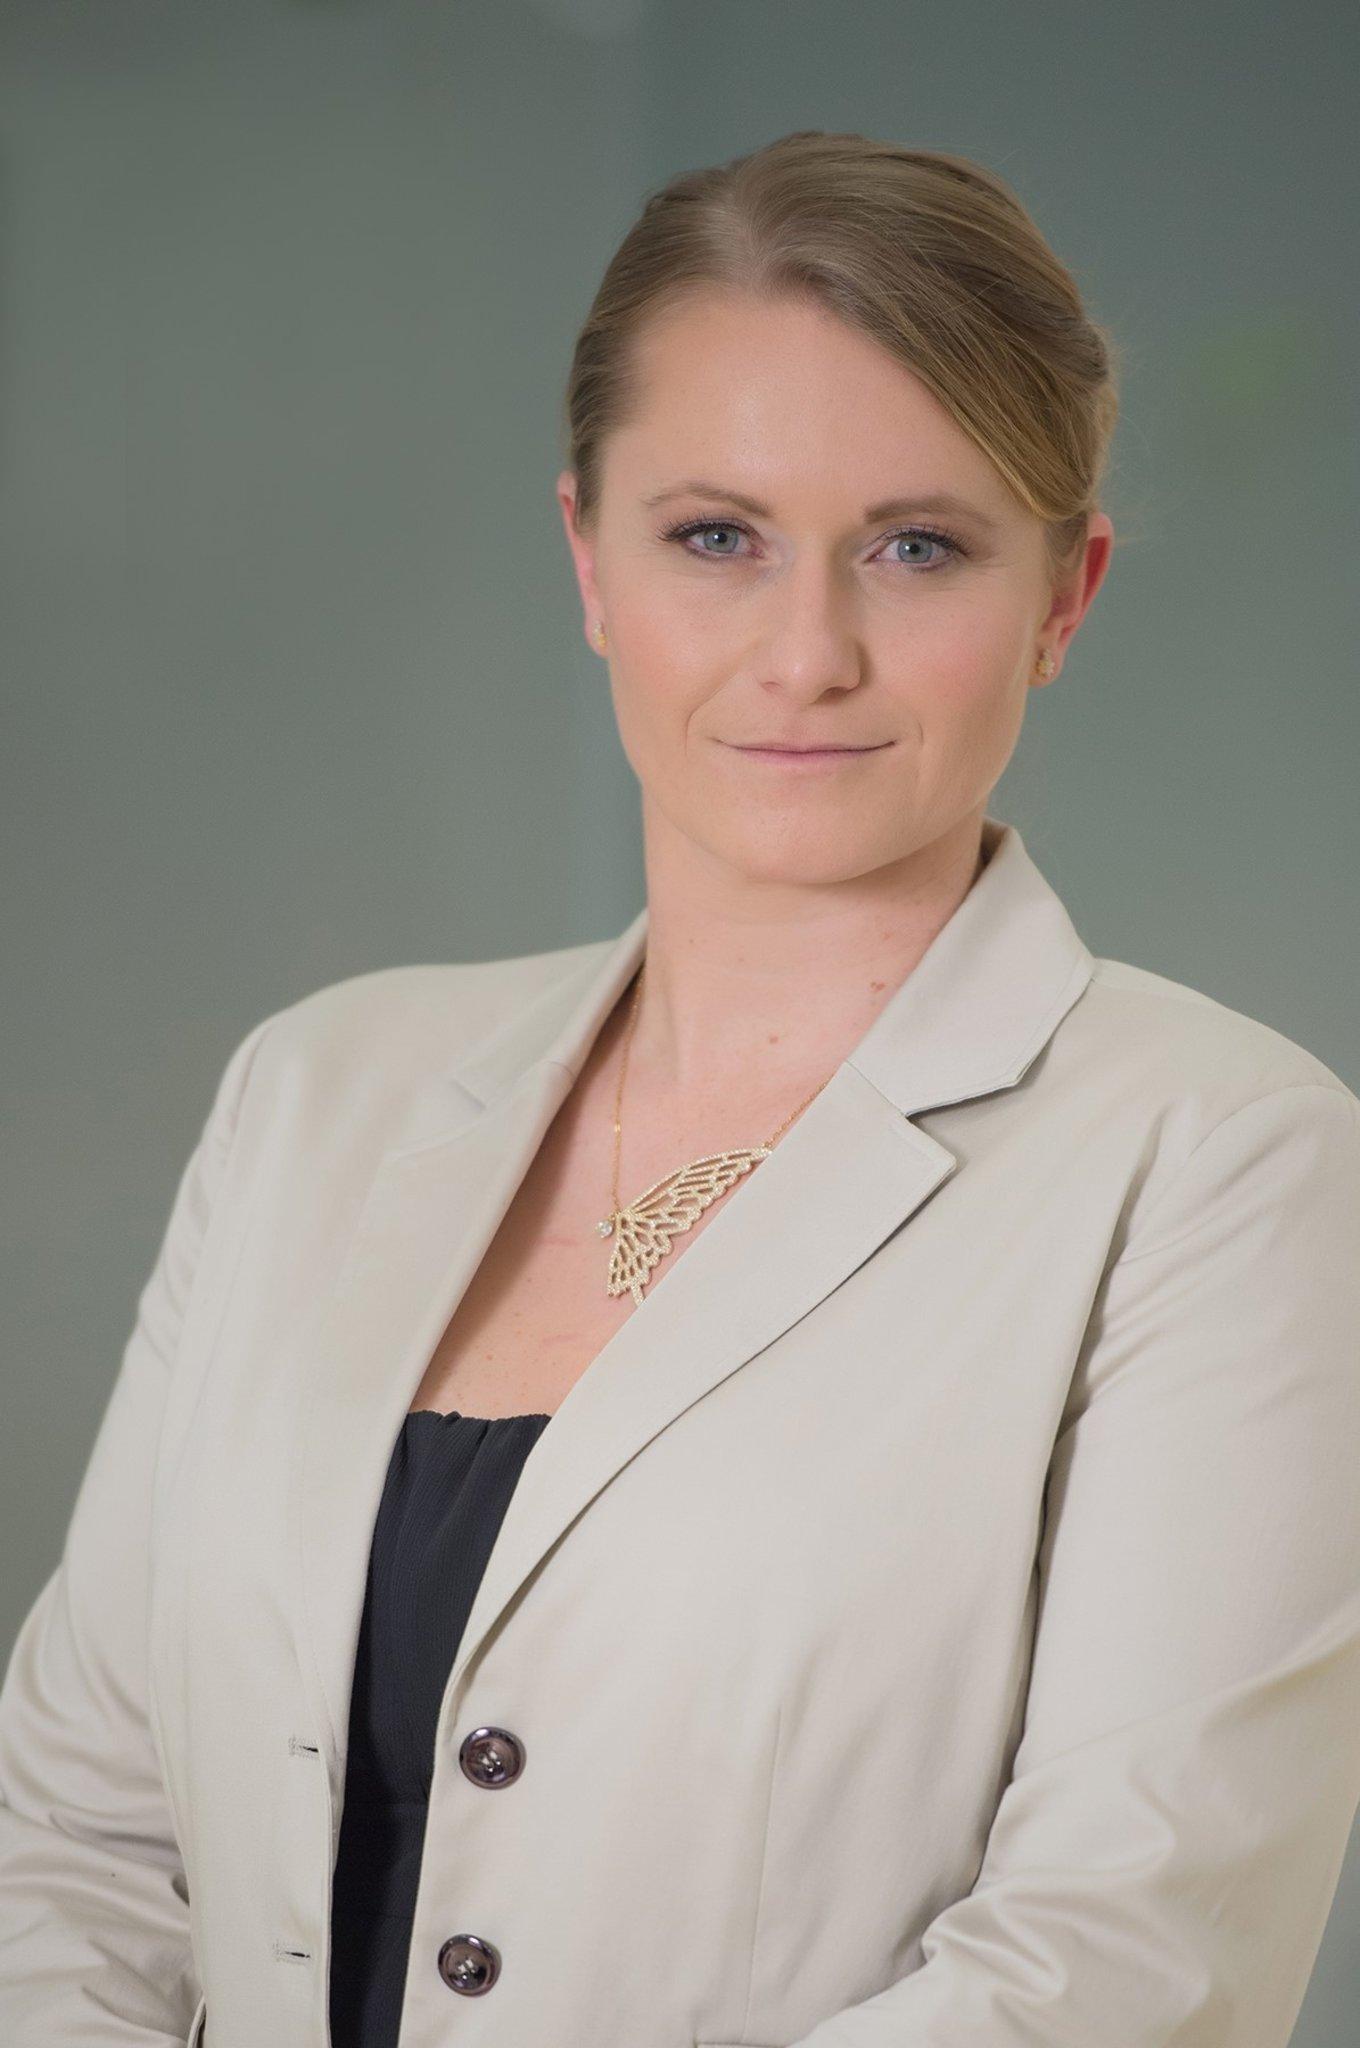 Bildergebnis für Prim. Dr. Silvia Dobler, Kirchdorf